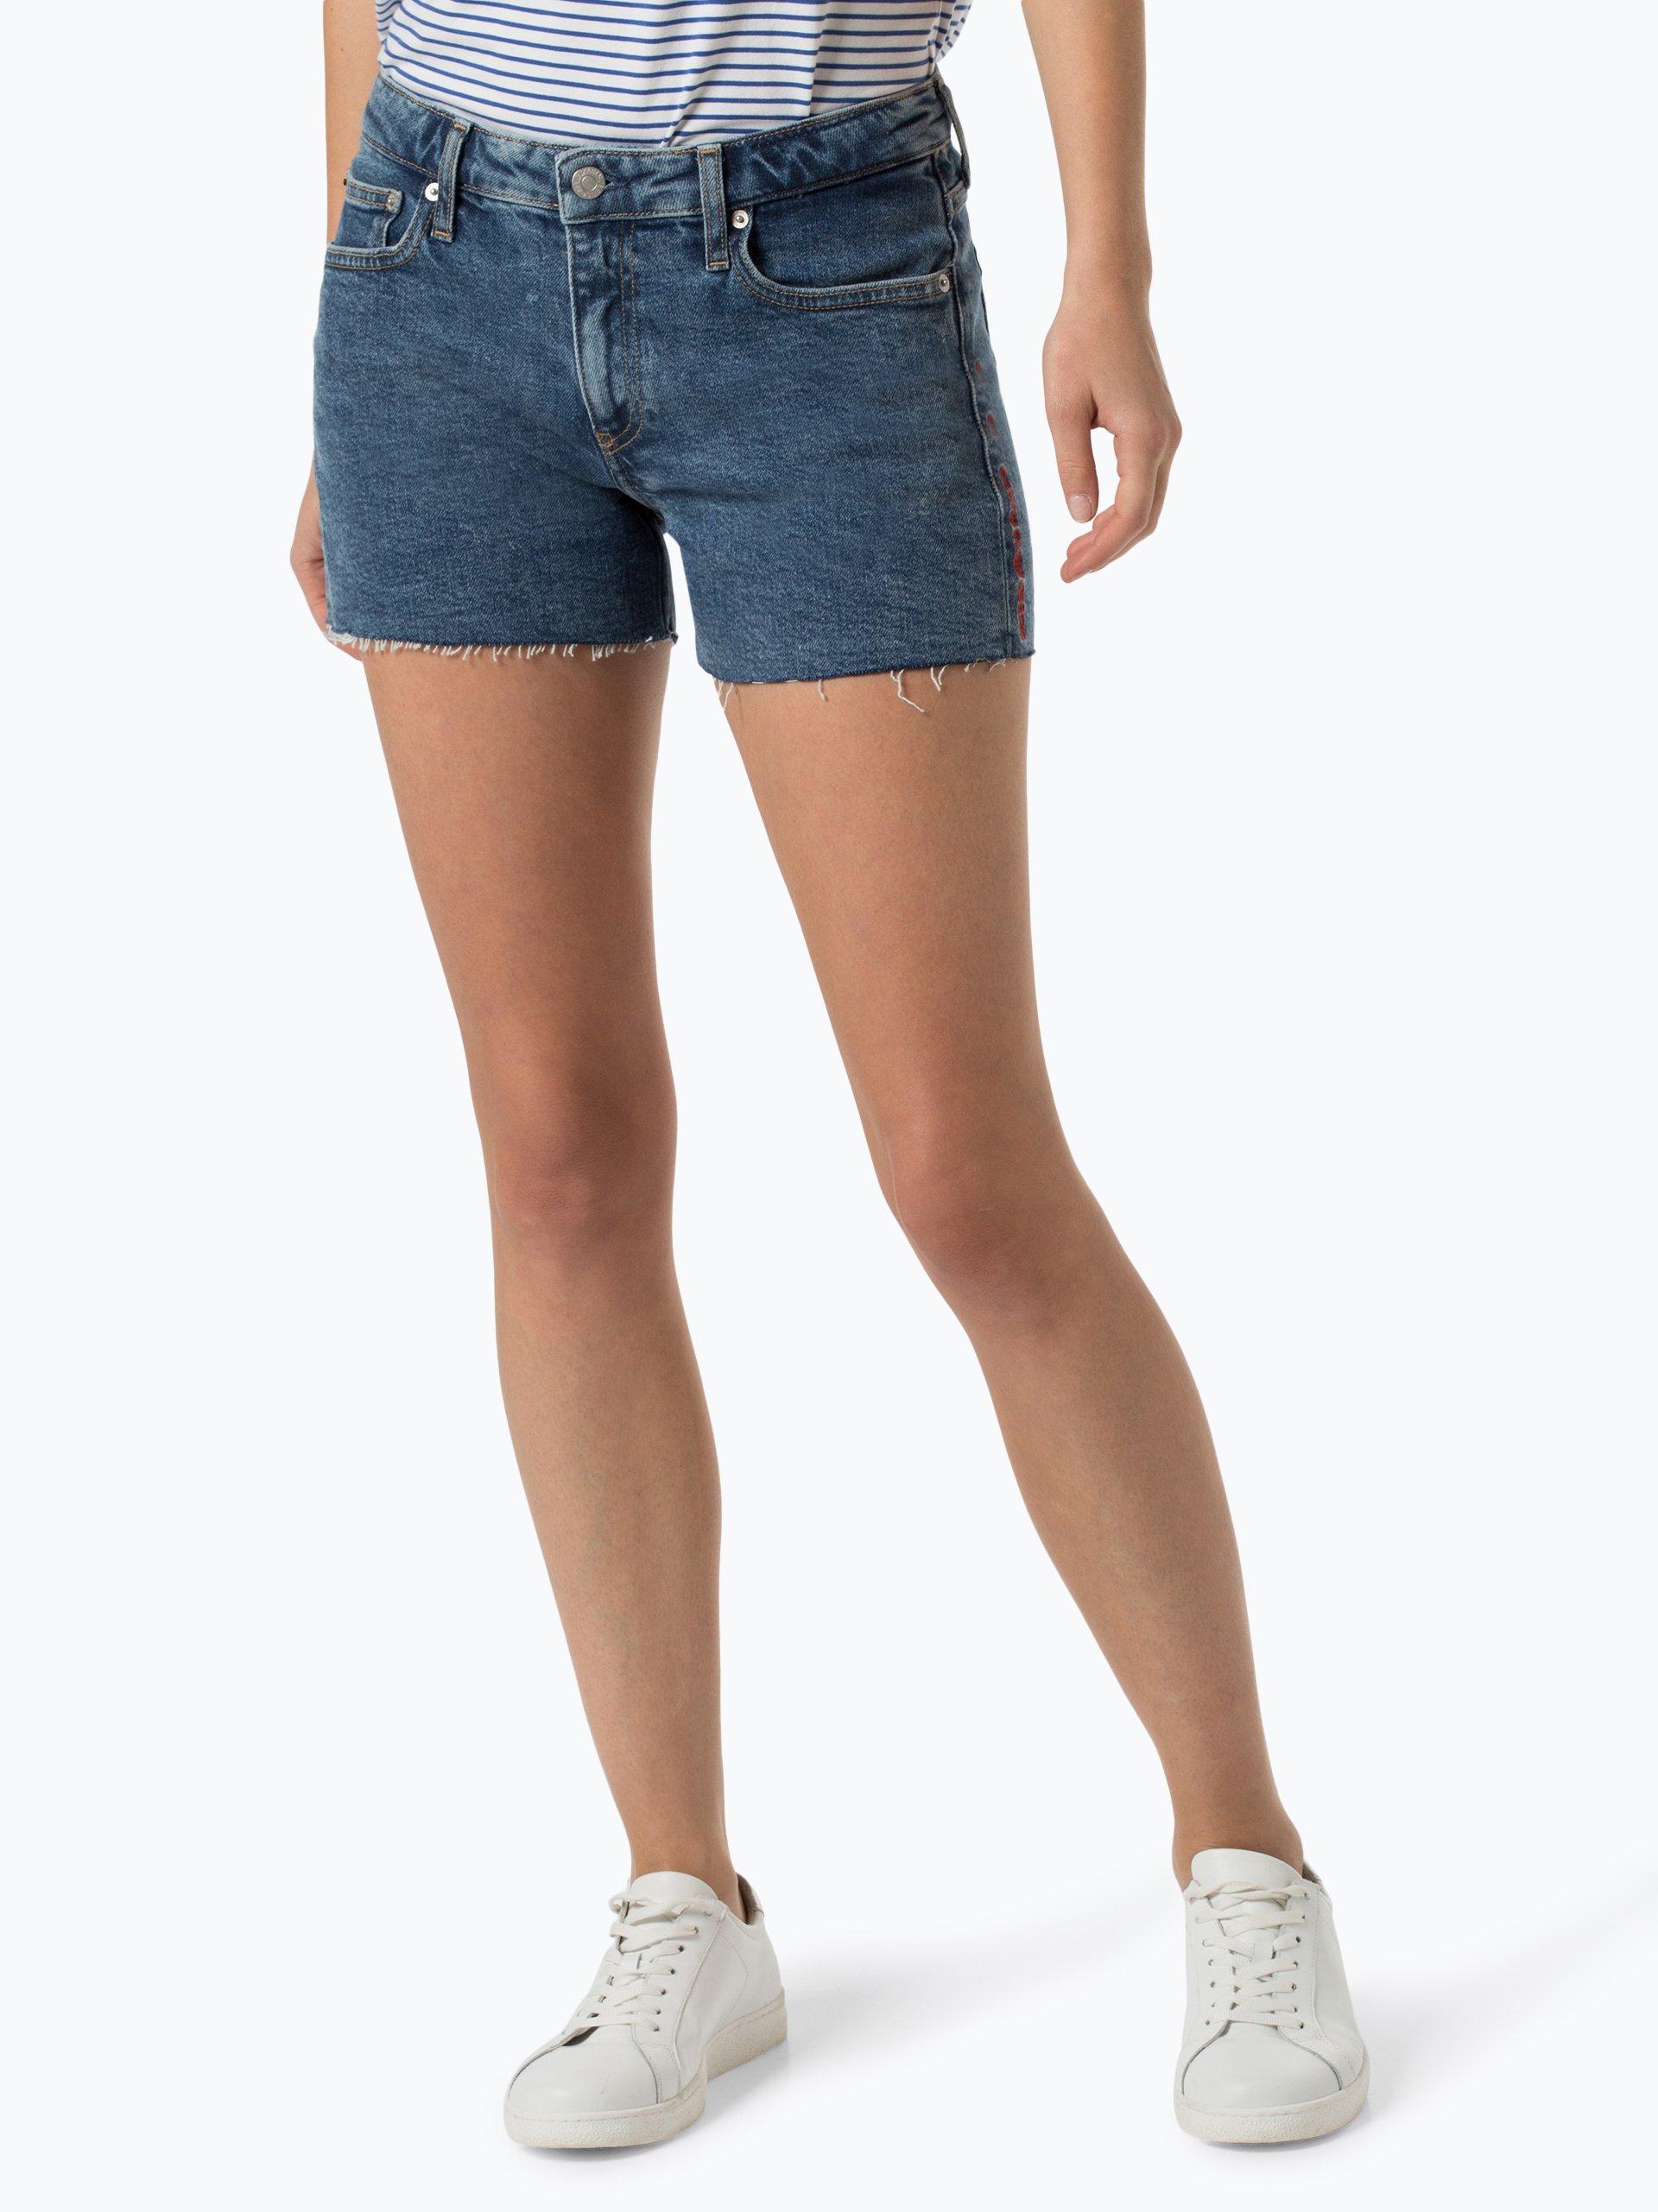 Calvin Klein Jeans Damen Jeansshorts